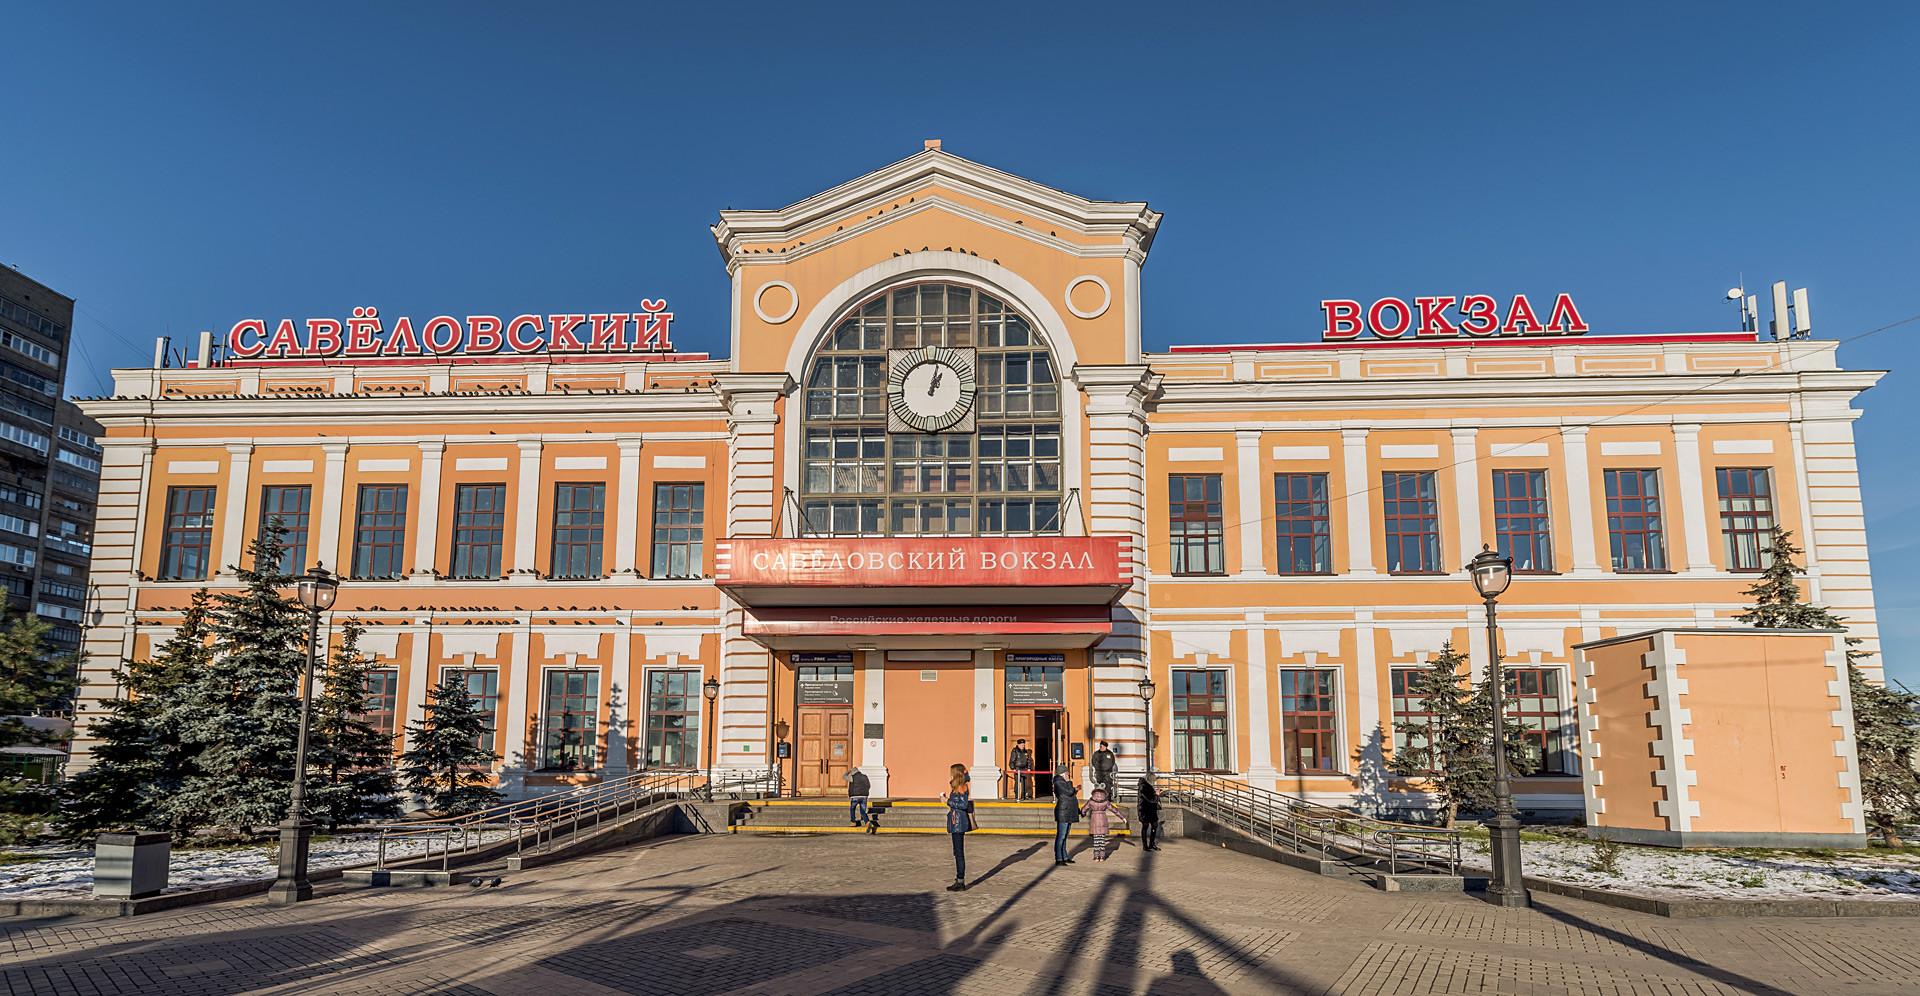 Как добраться до Савёловского вокзала?